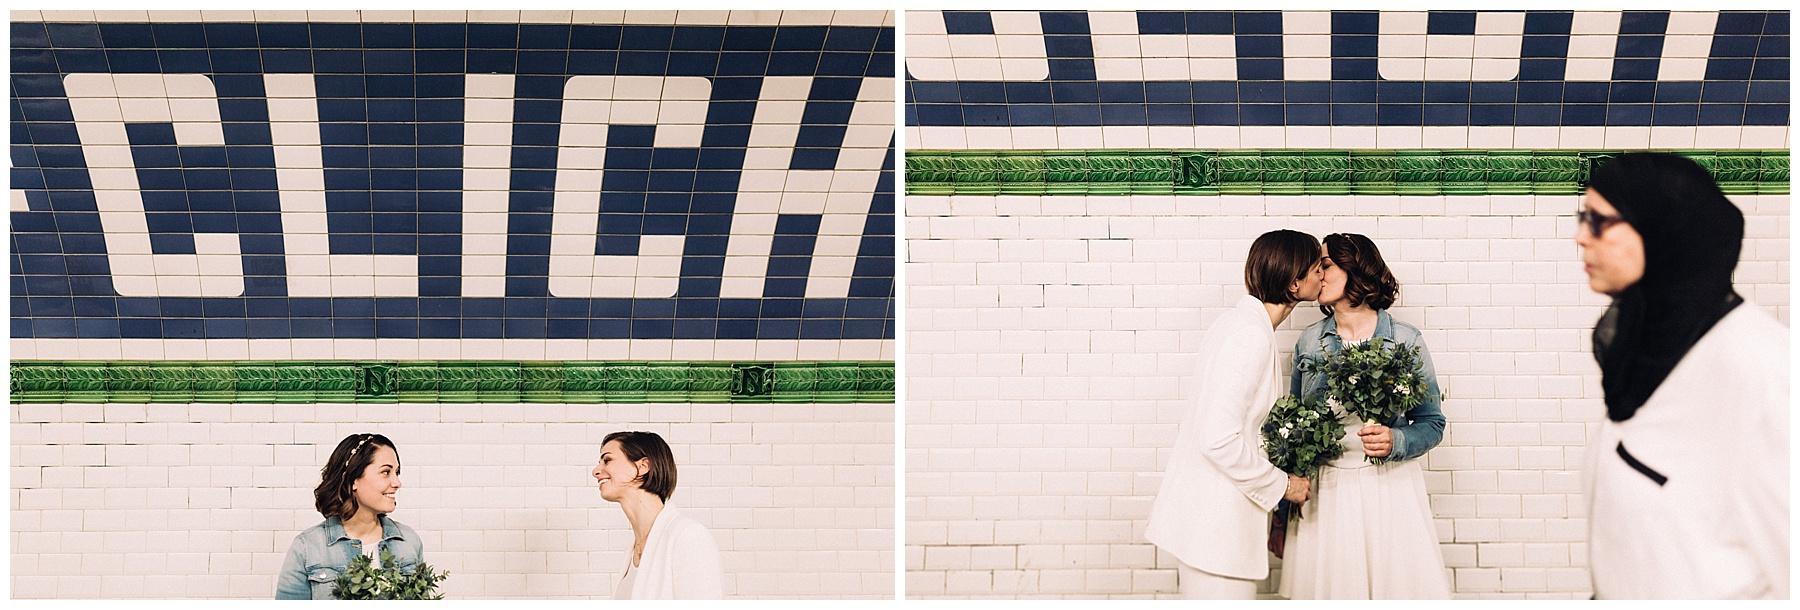 Photographe mariage Paris métro